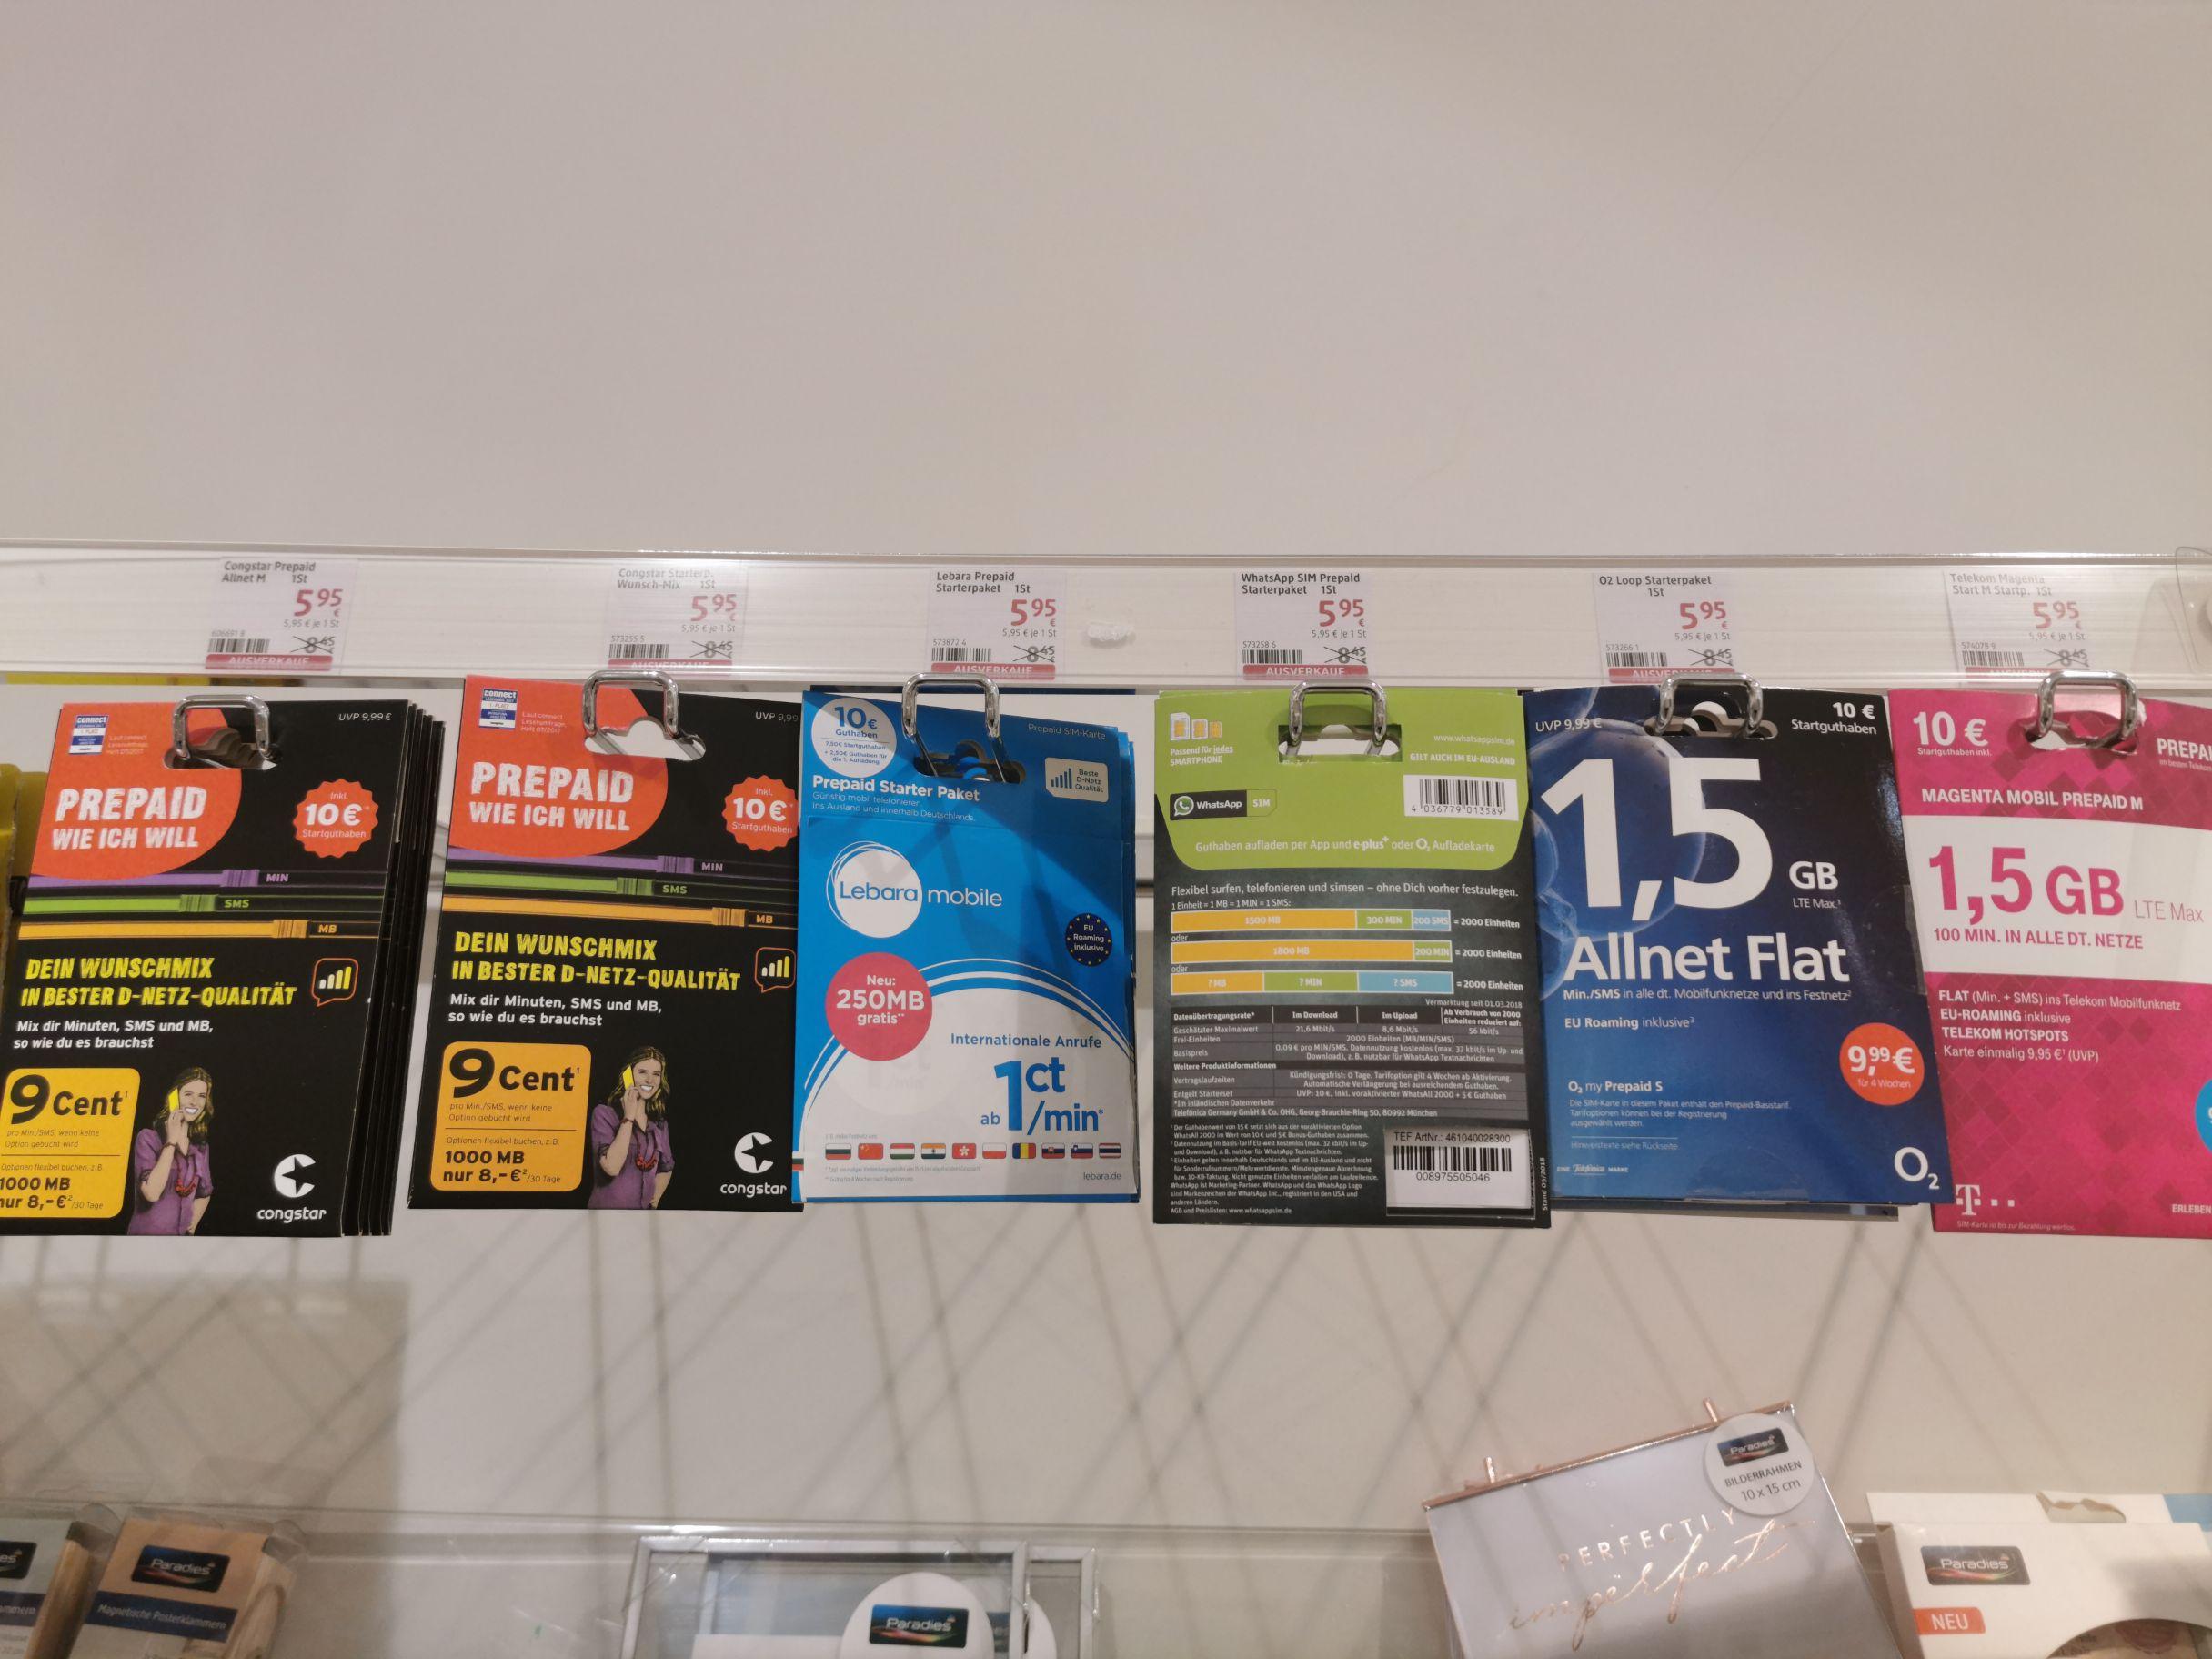 (Lokal? ) dm Ulm 89077 - diverse Prepaidsimkarten inkl. Startguthaben im Angebot solange der Vorrat reicht.